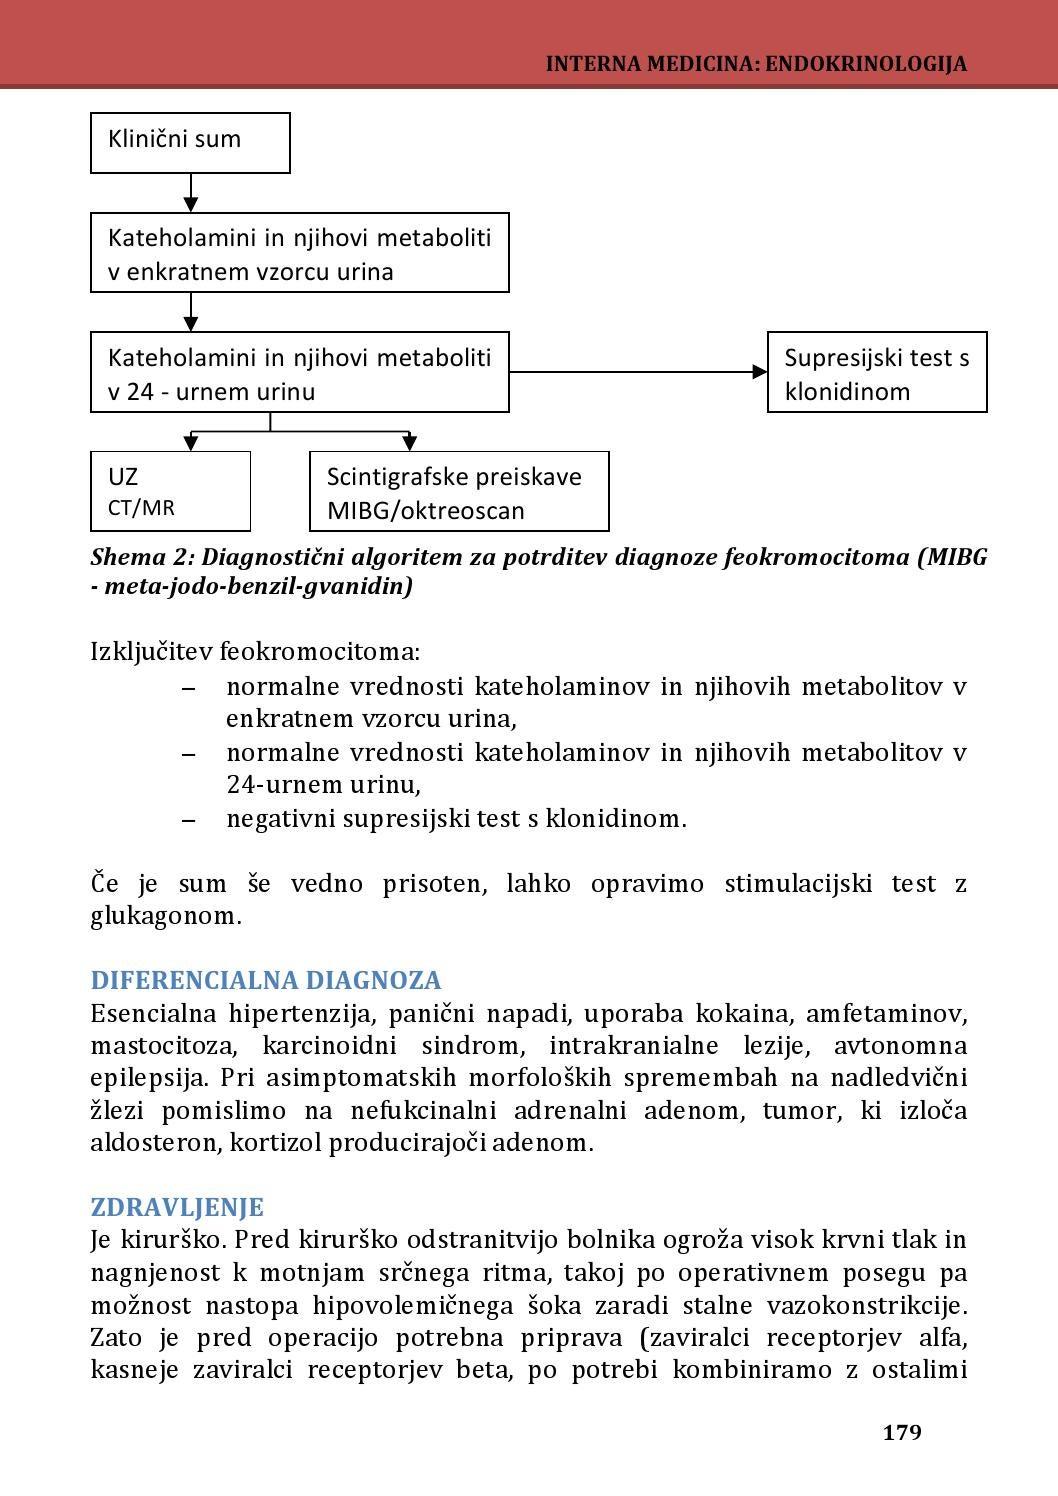 Hipertenzija i boja urina